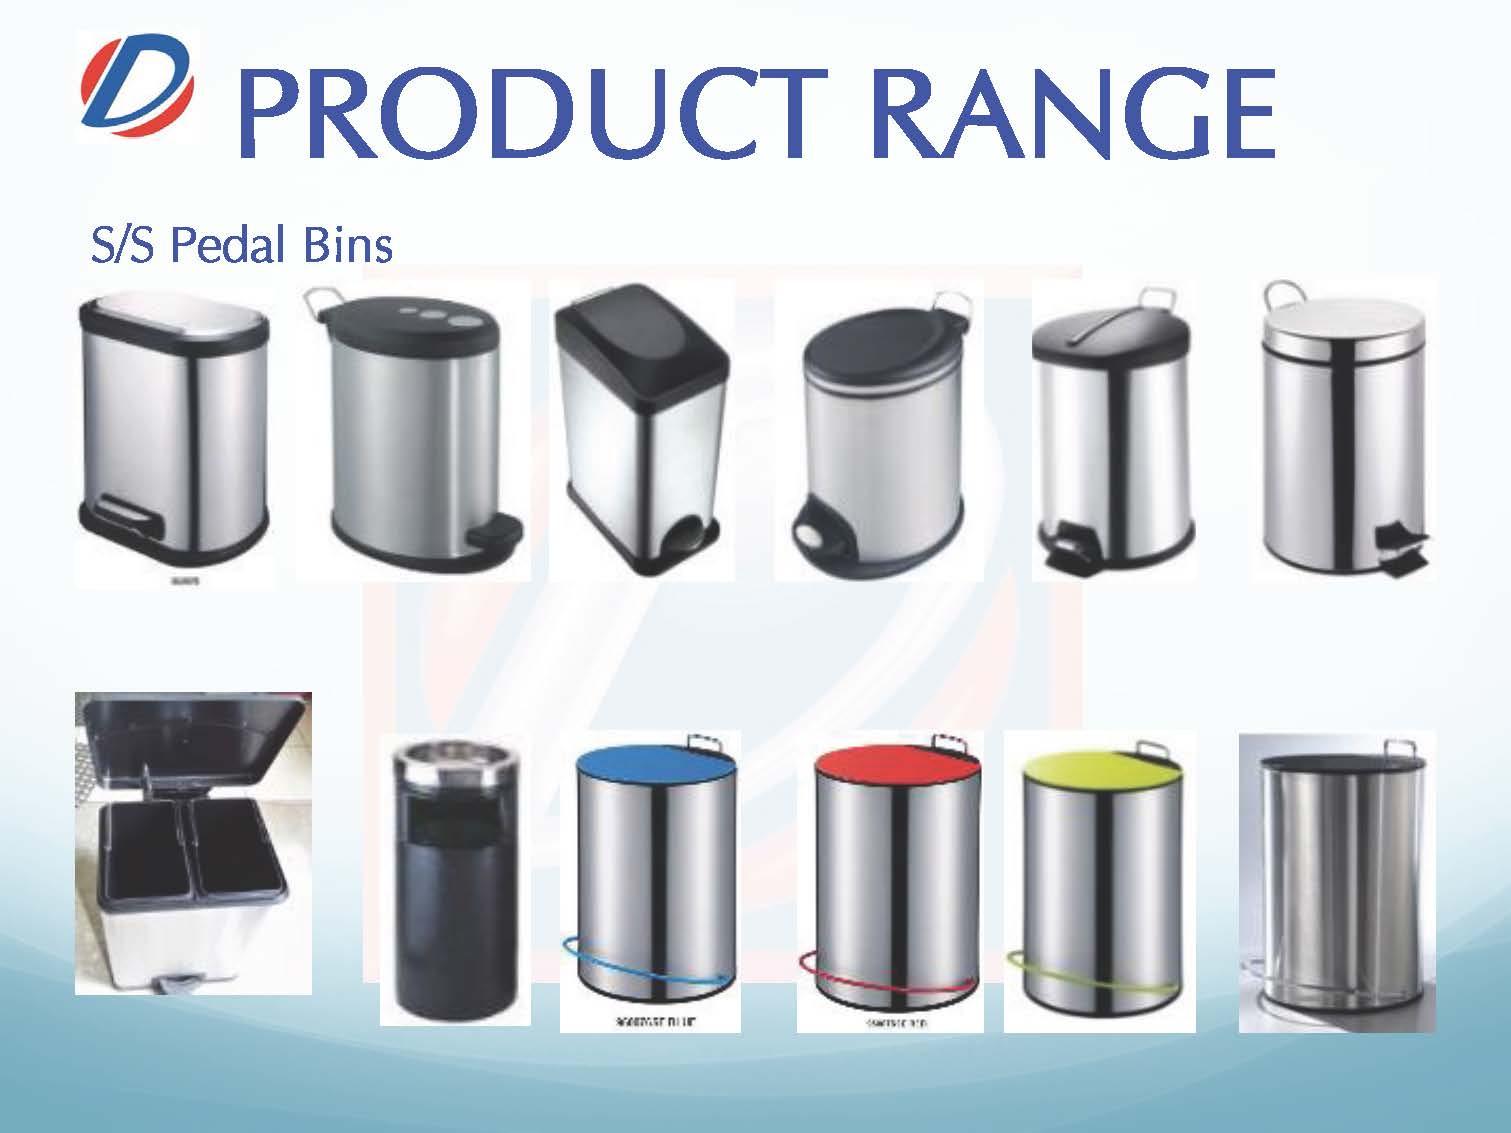 Stainless Steel Bins Suppliers in UAE - Stainless Steel Bins